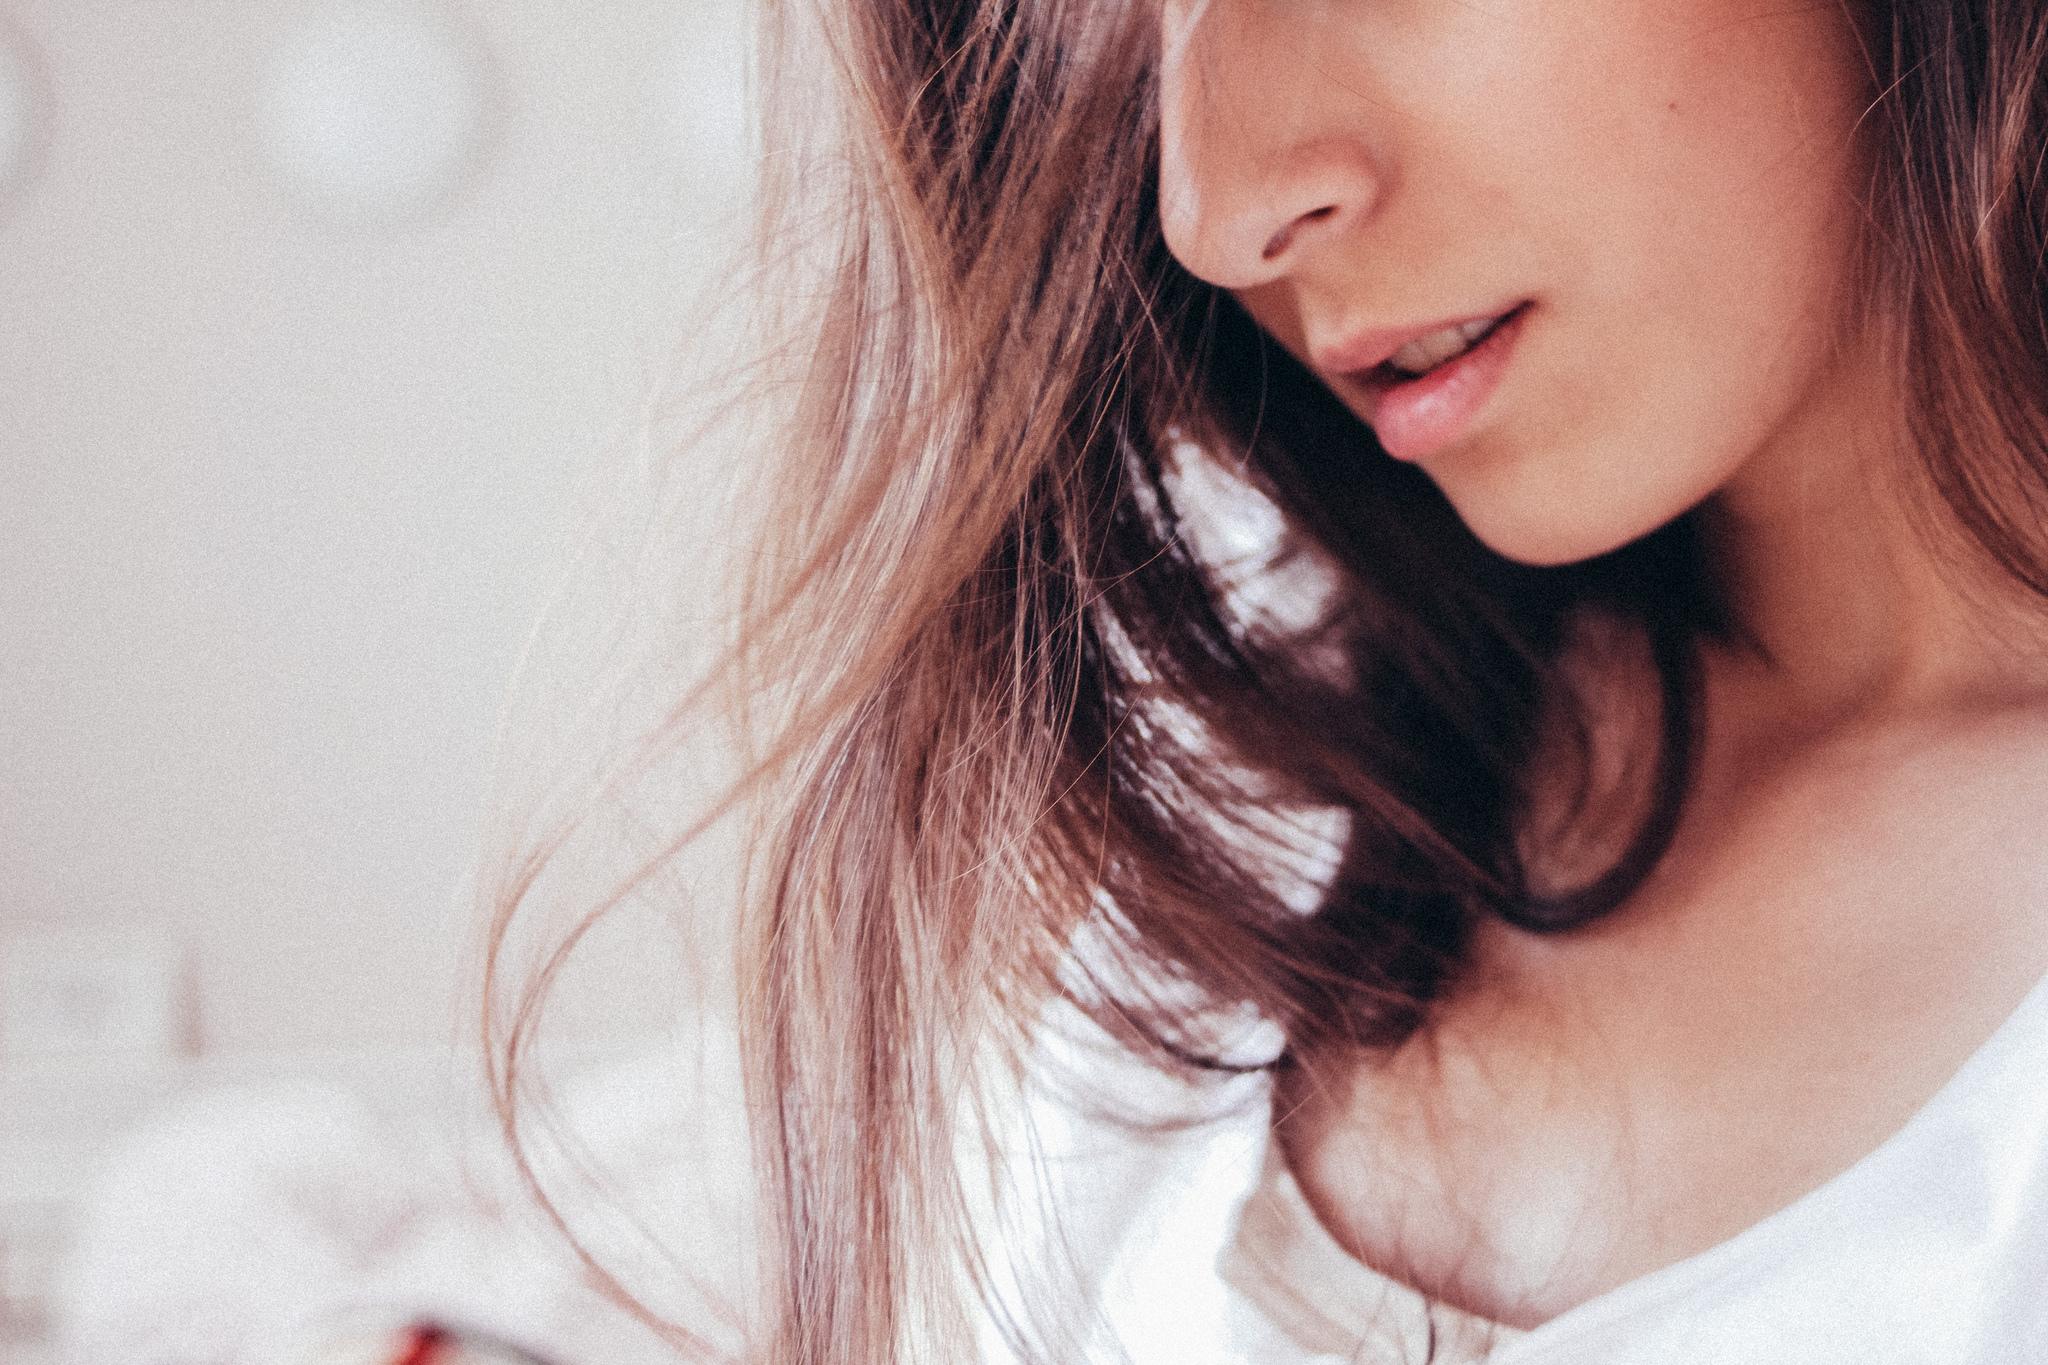 iulia Pironea / flickr.com